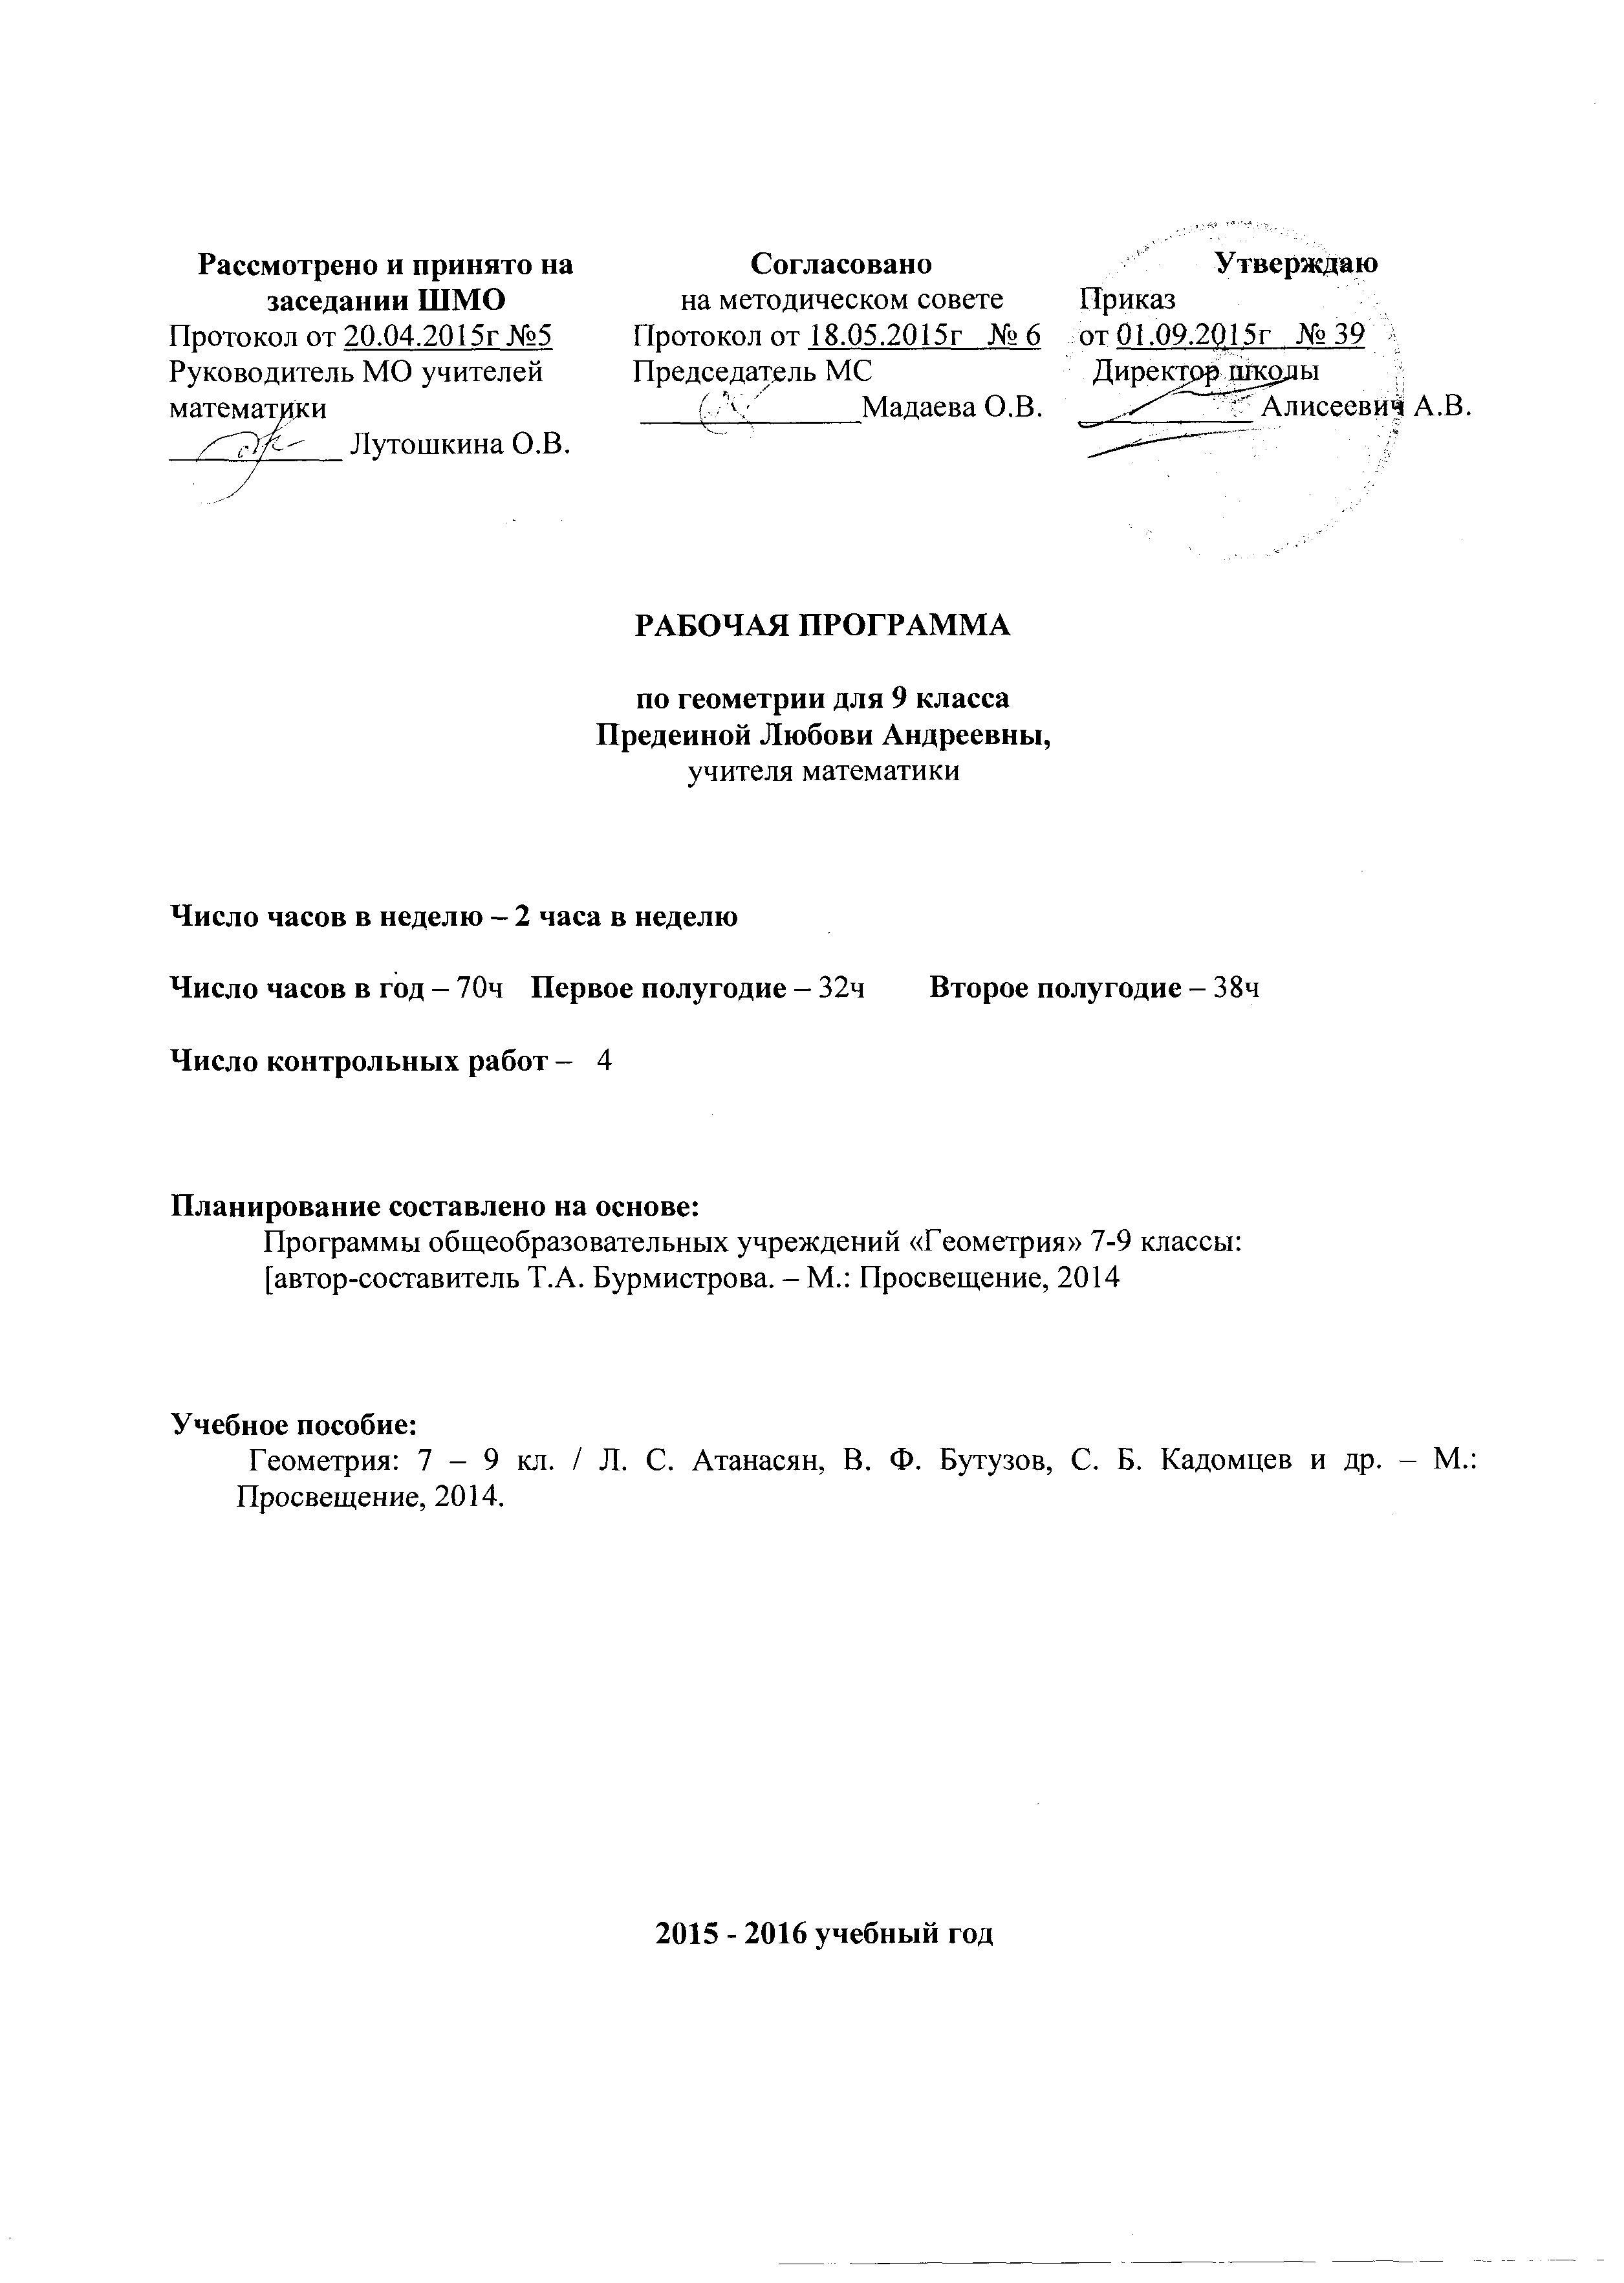 D:\2015-16\2015-16\тит.л\тит.листы 2015-16 - 0002.tif